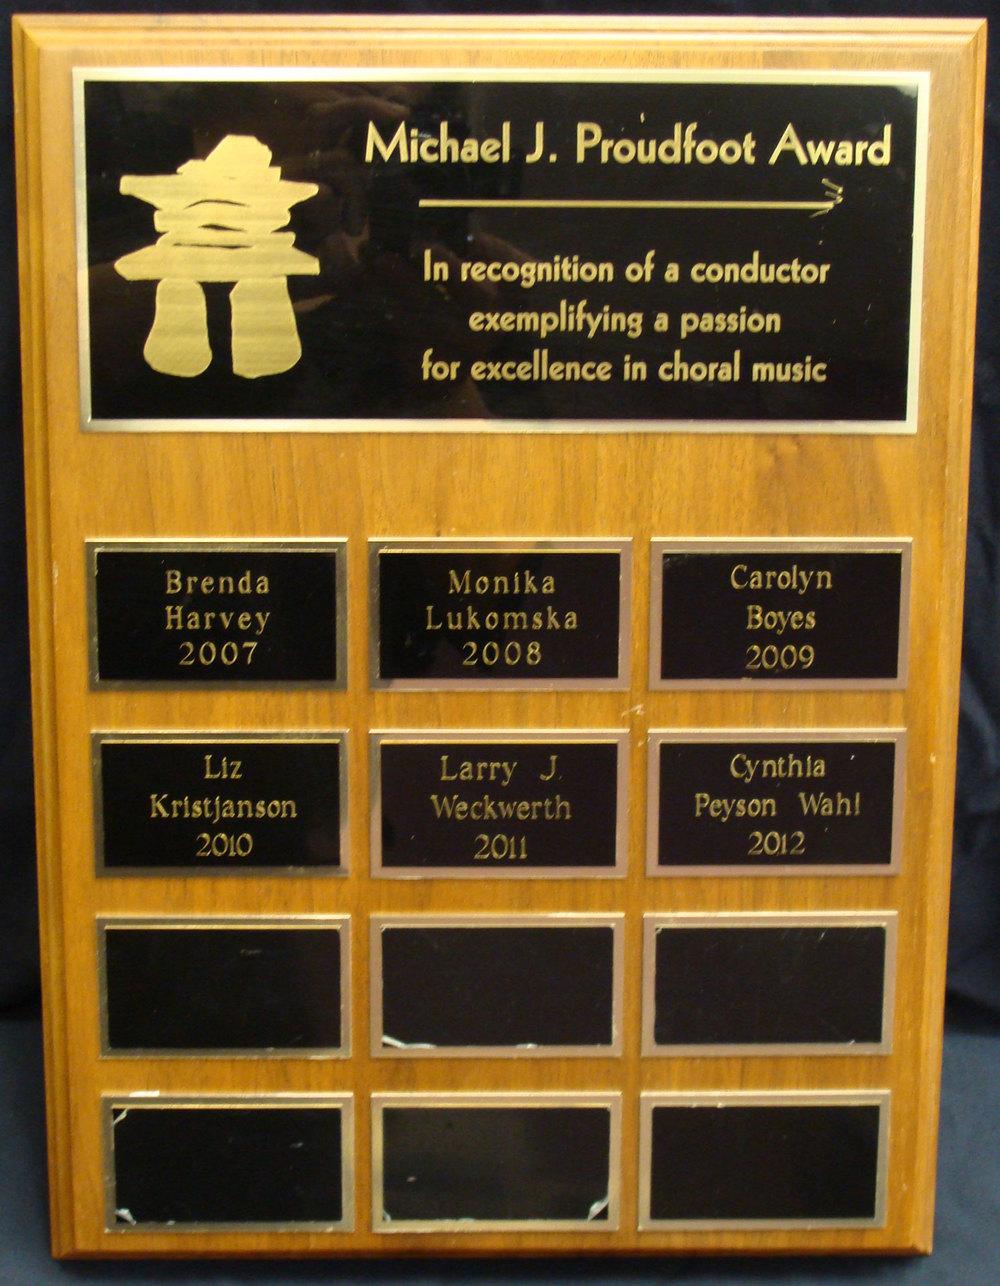 Michael J. Proudfoot Award